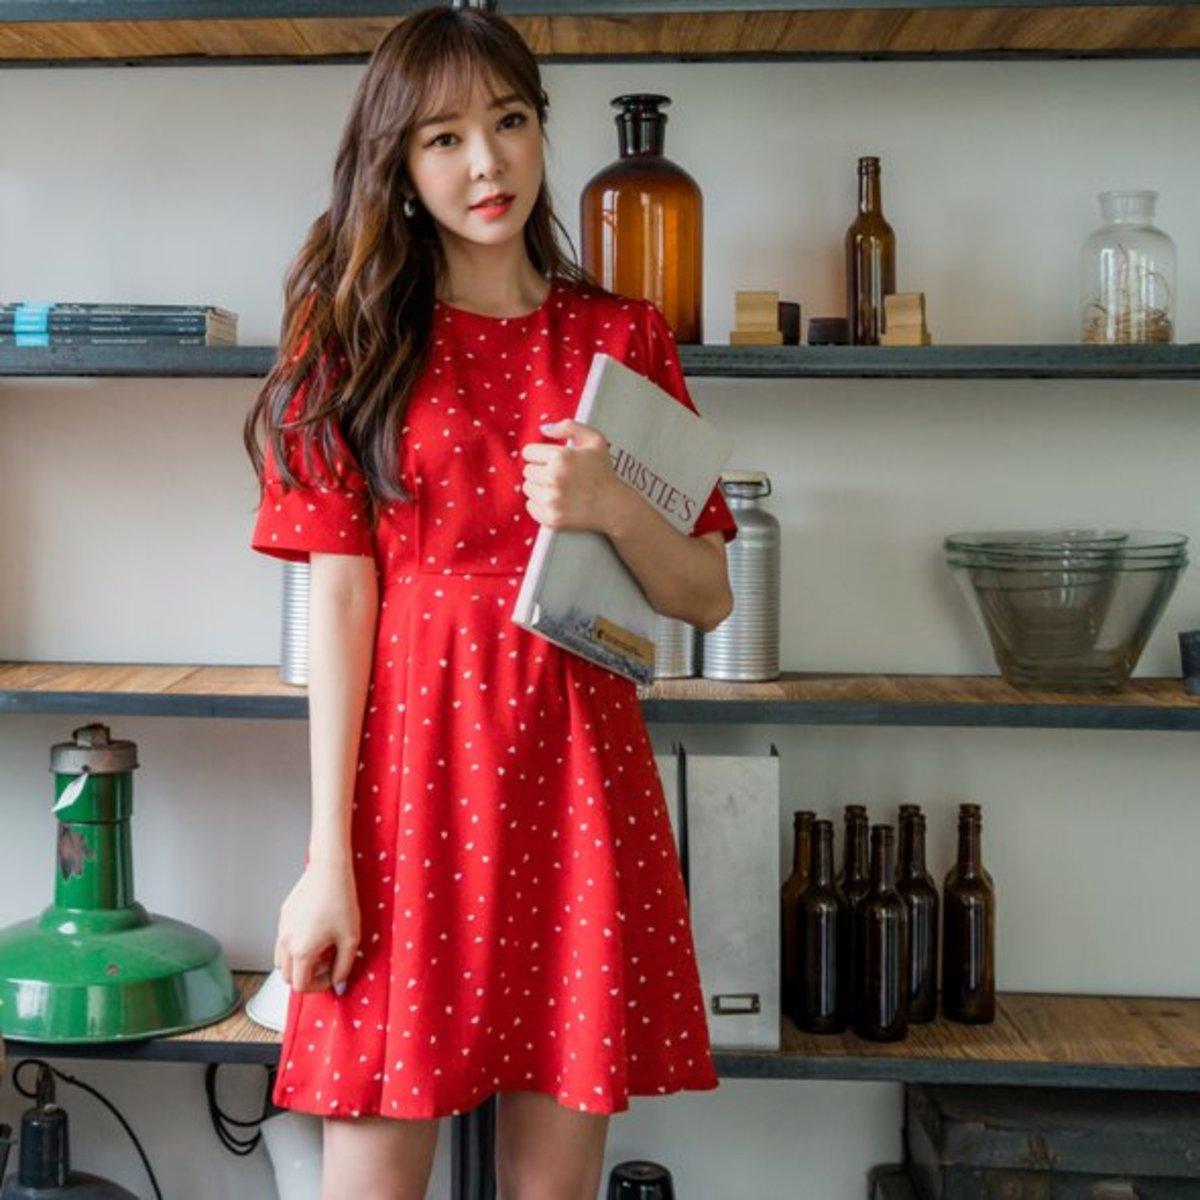 Merry Heart Dress